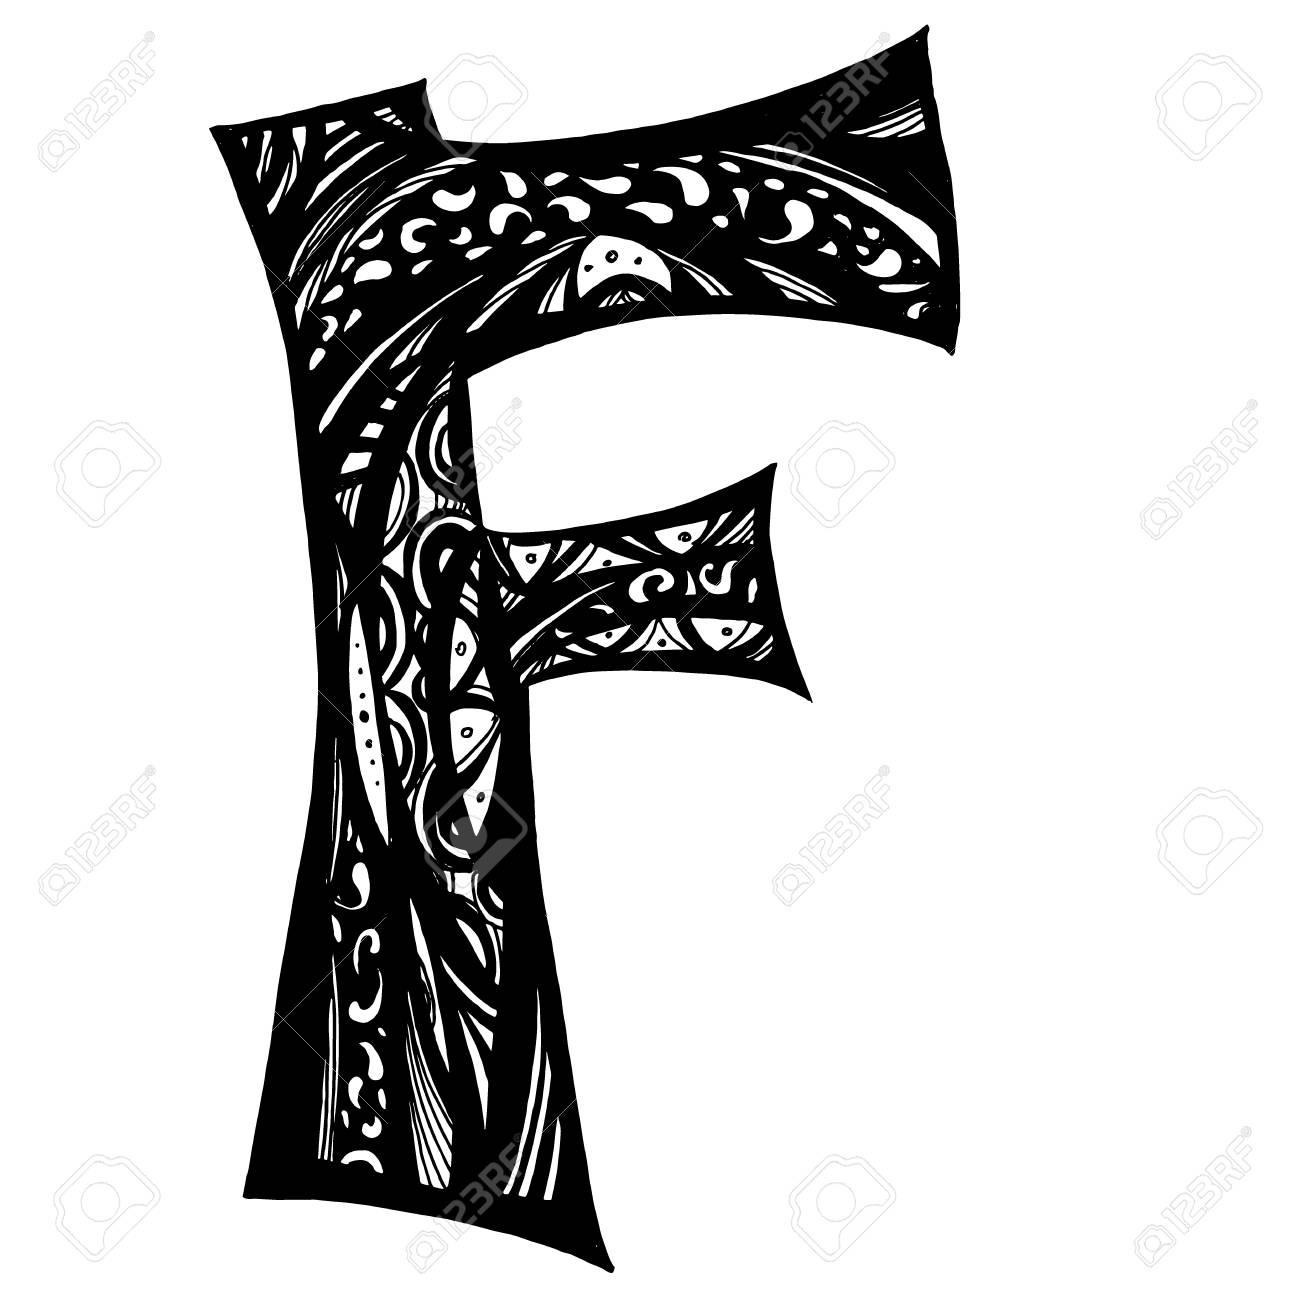 Elegant Black Letter F Doodle Style Calligraphy Beautiful Logo Vintage Drawn Emblem For